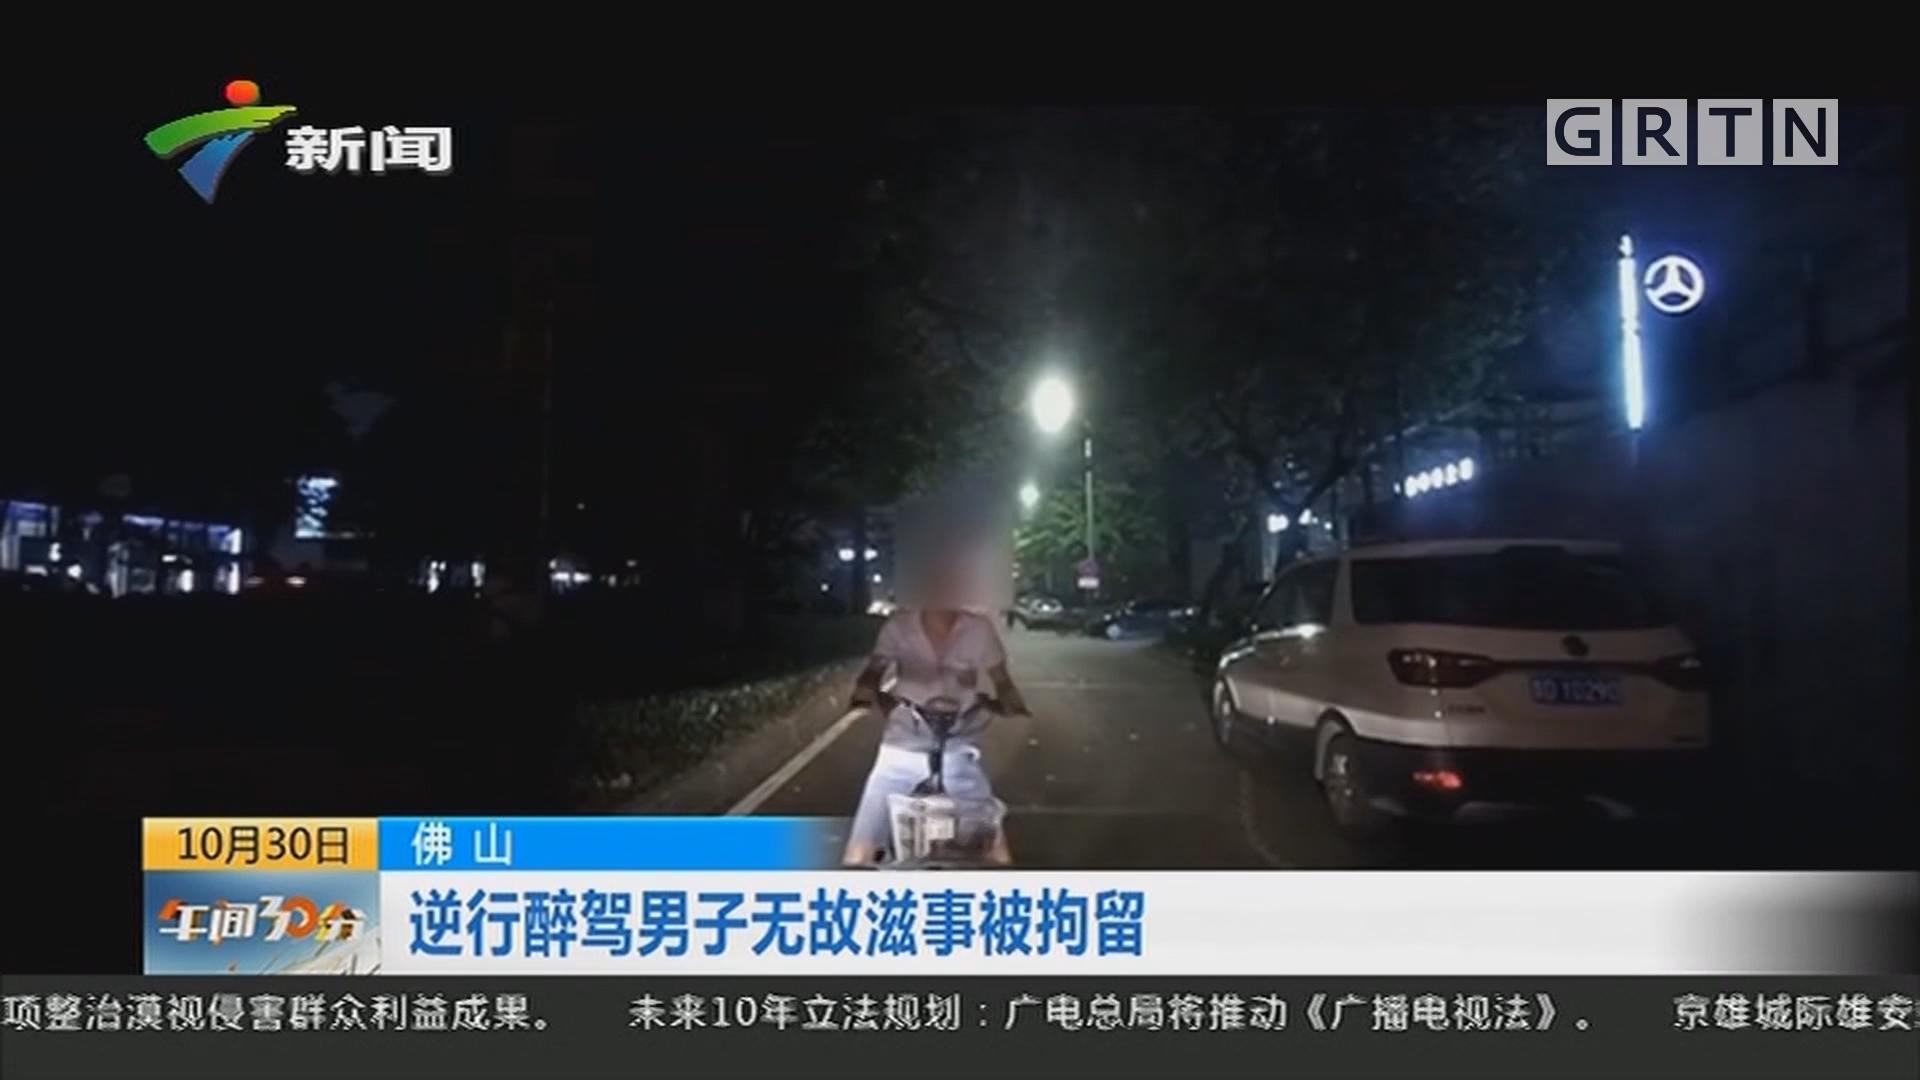 佛山:逆行醉驾男子无故滋事被拘留